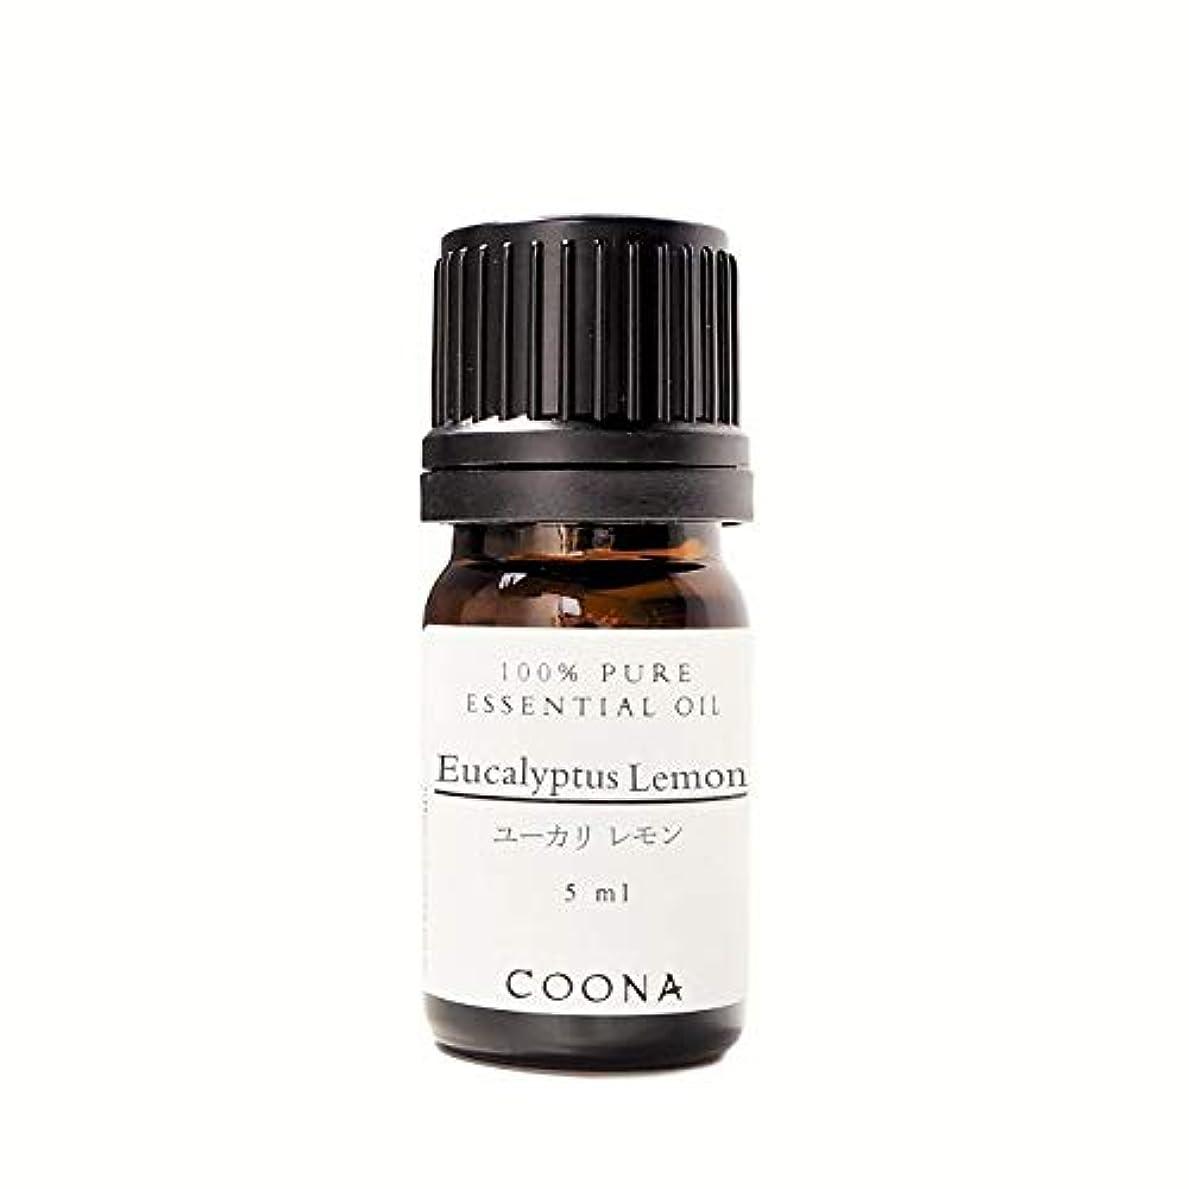 姓熱心な苦ユーカリレモン 5 ml (COONA エッセンシャルオイル アロマオイル 100%天然植物精油)